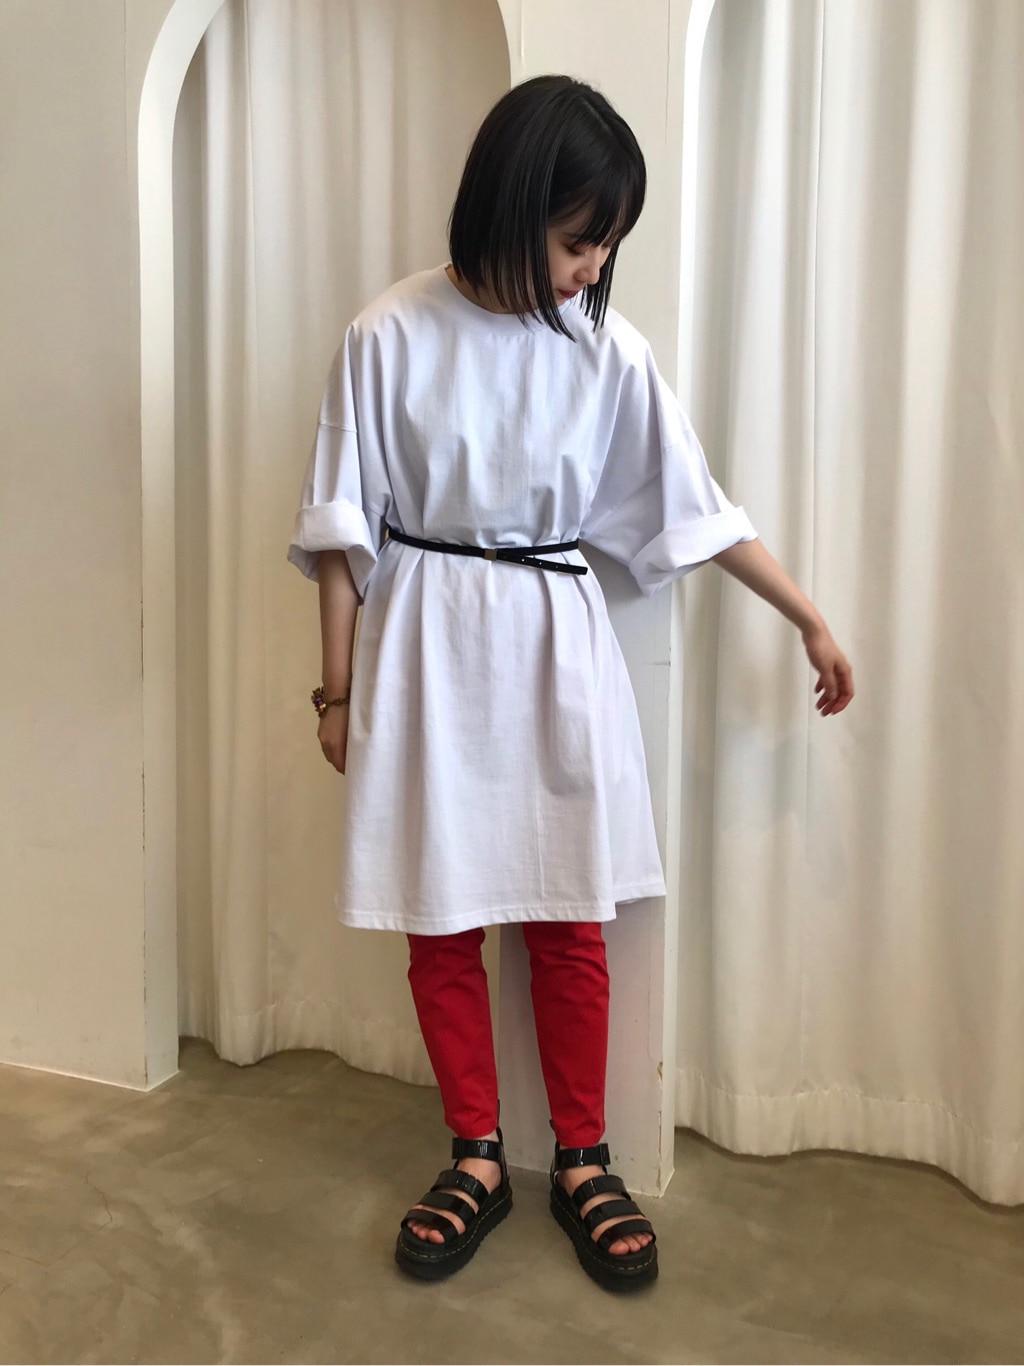 yuni / bulle de savon ラフォーレ原宿 身長:157cm 2020.06.09